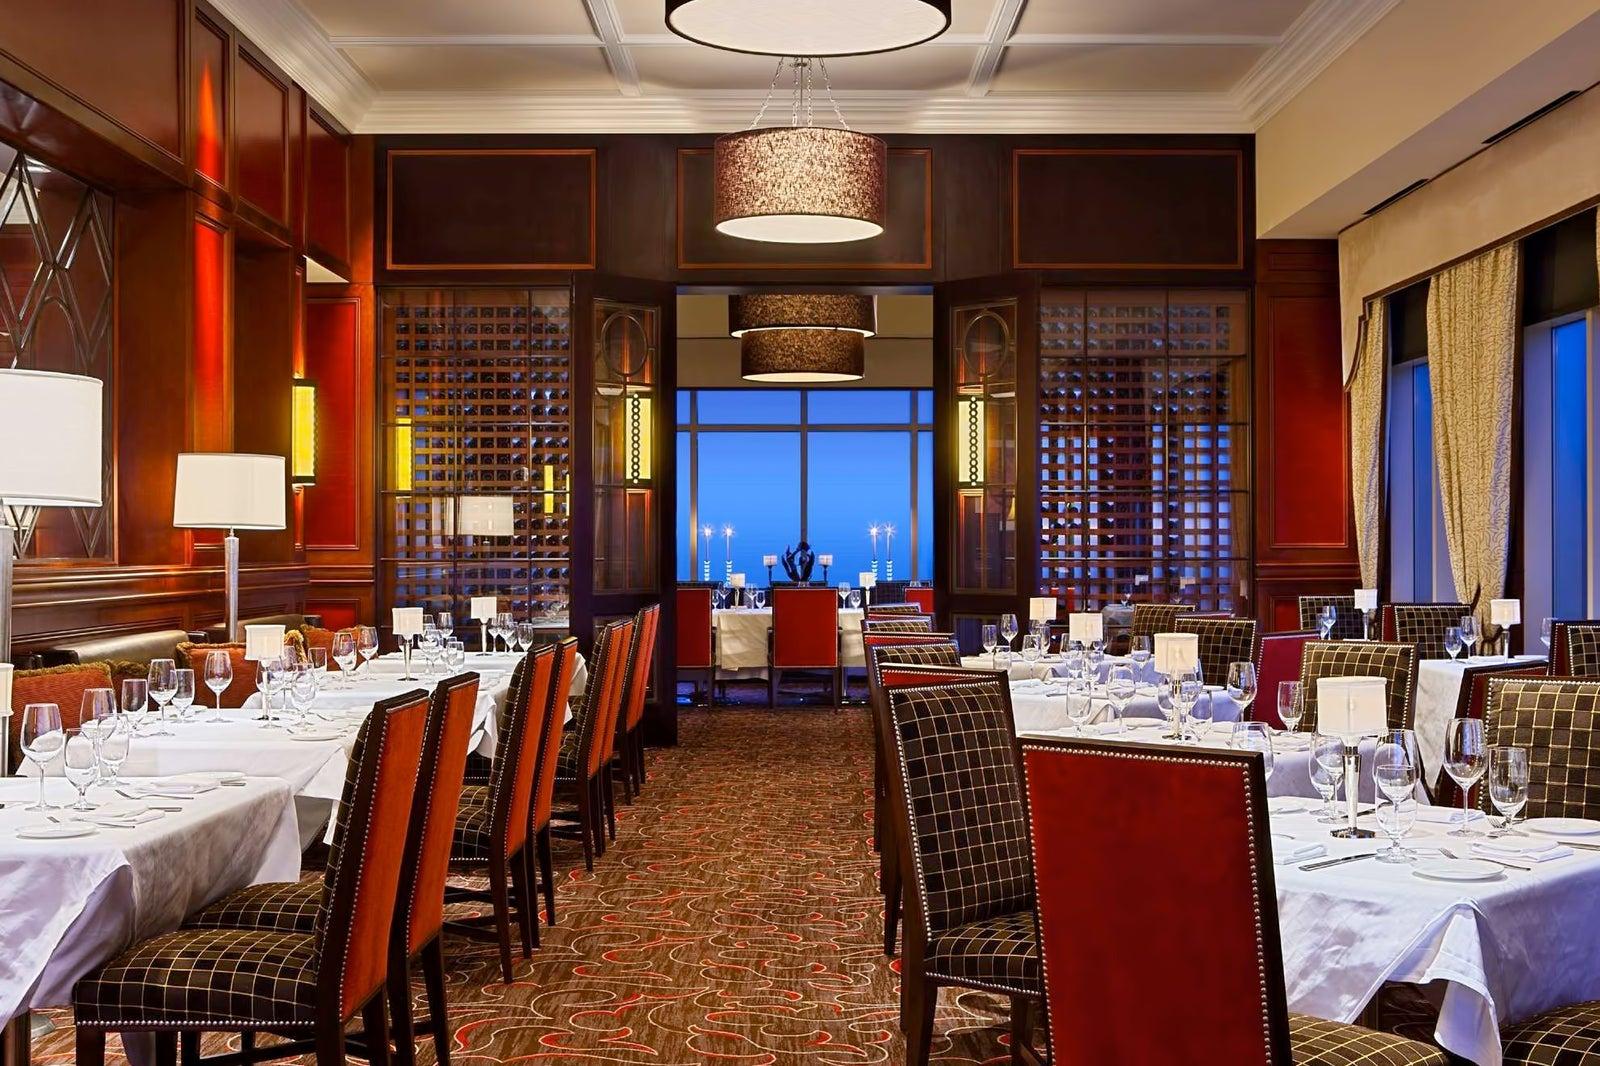 10 Best Restaurants In Orlando Where